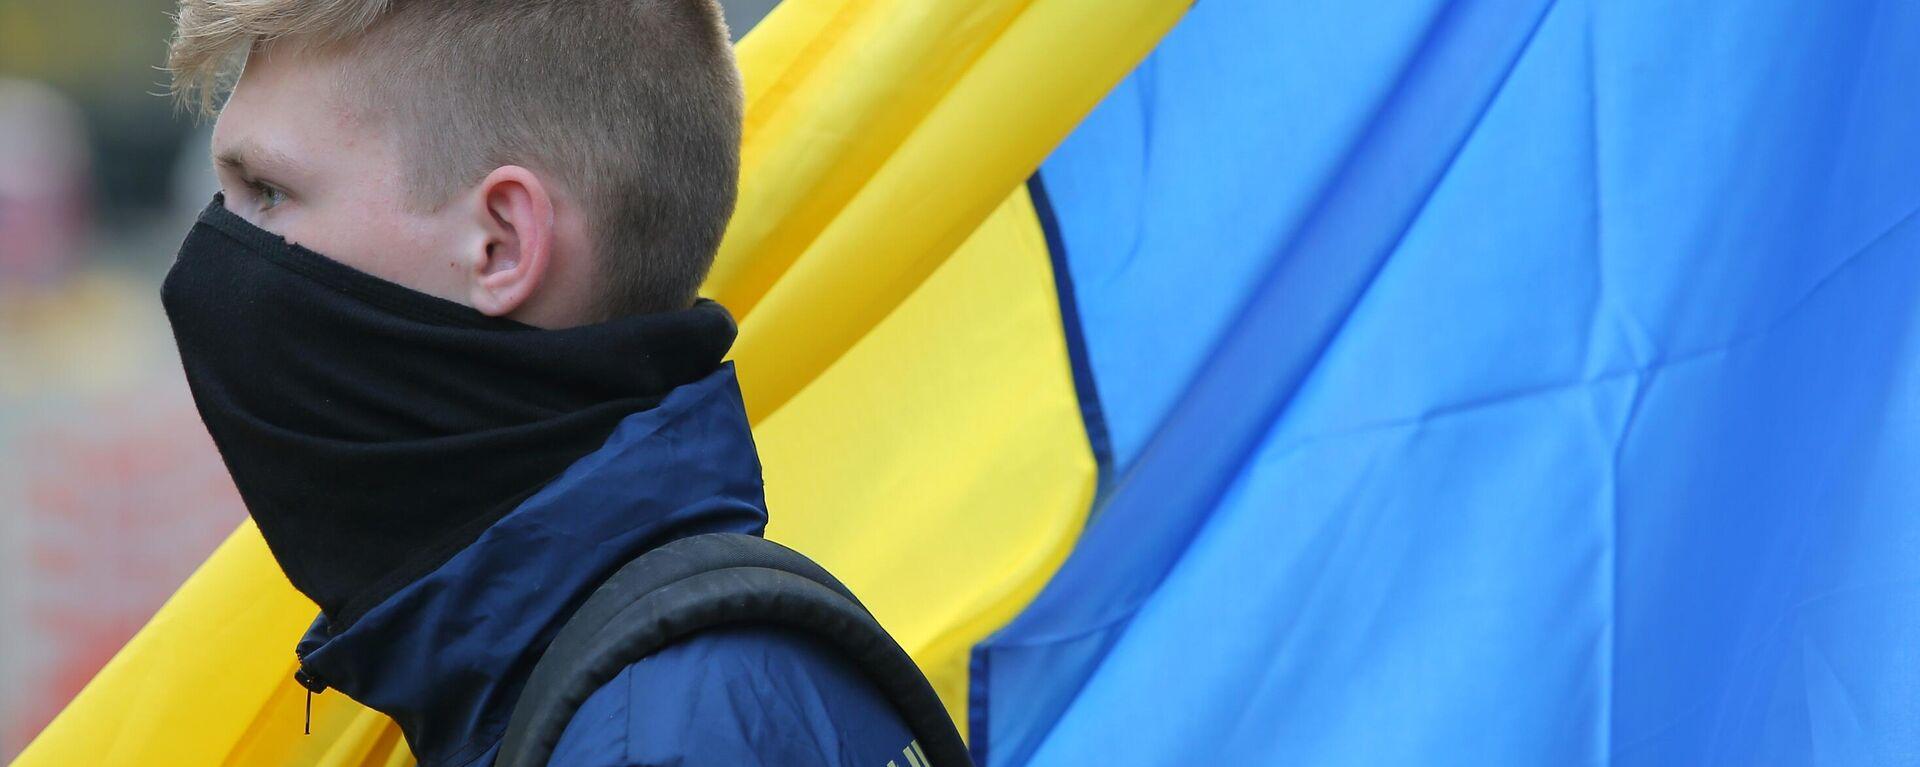 Молодой человек на фоне украинского флага - Sputnik Ўзбекистон, 1920, 25.08.2021